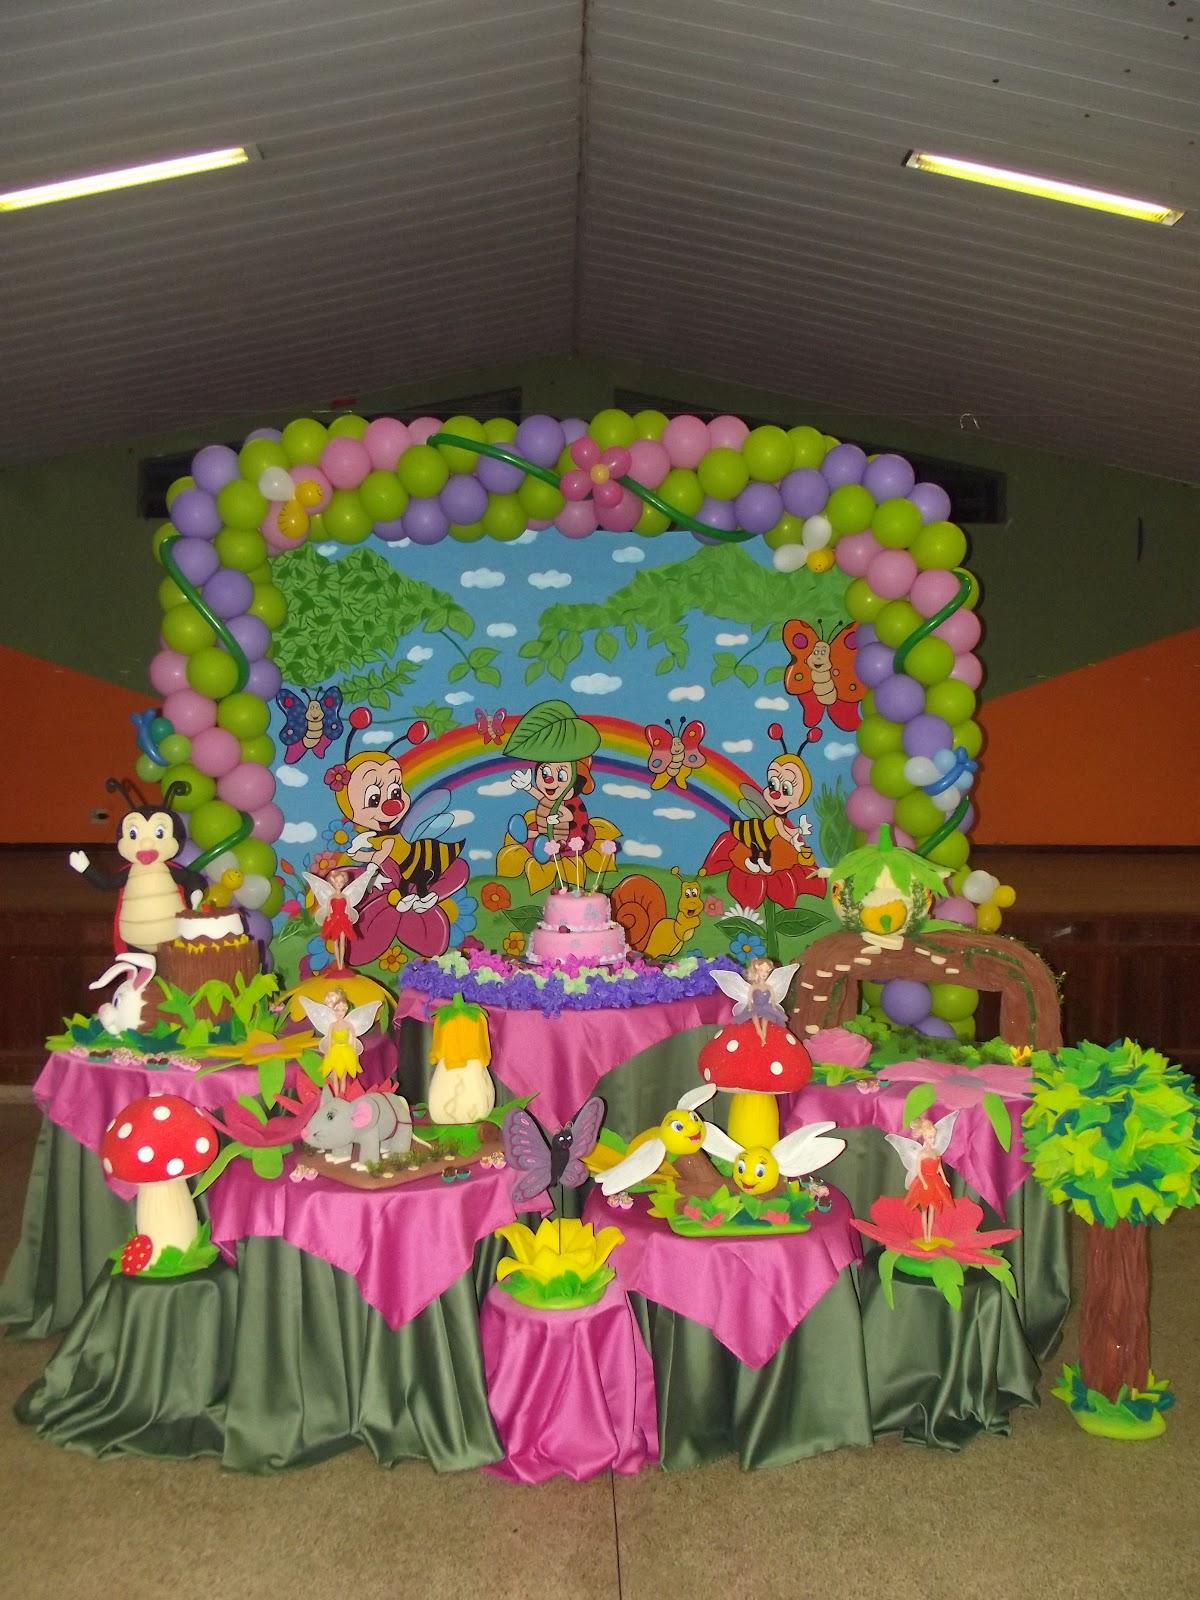 decoracao de aniversario tema jardim encantado: Festas e Decorações: DECORAÇÃO DE ANIVERSÁRIO DO JARDIM ENCANTADO